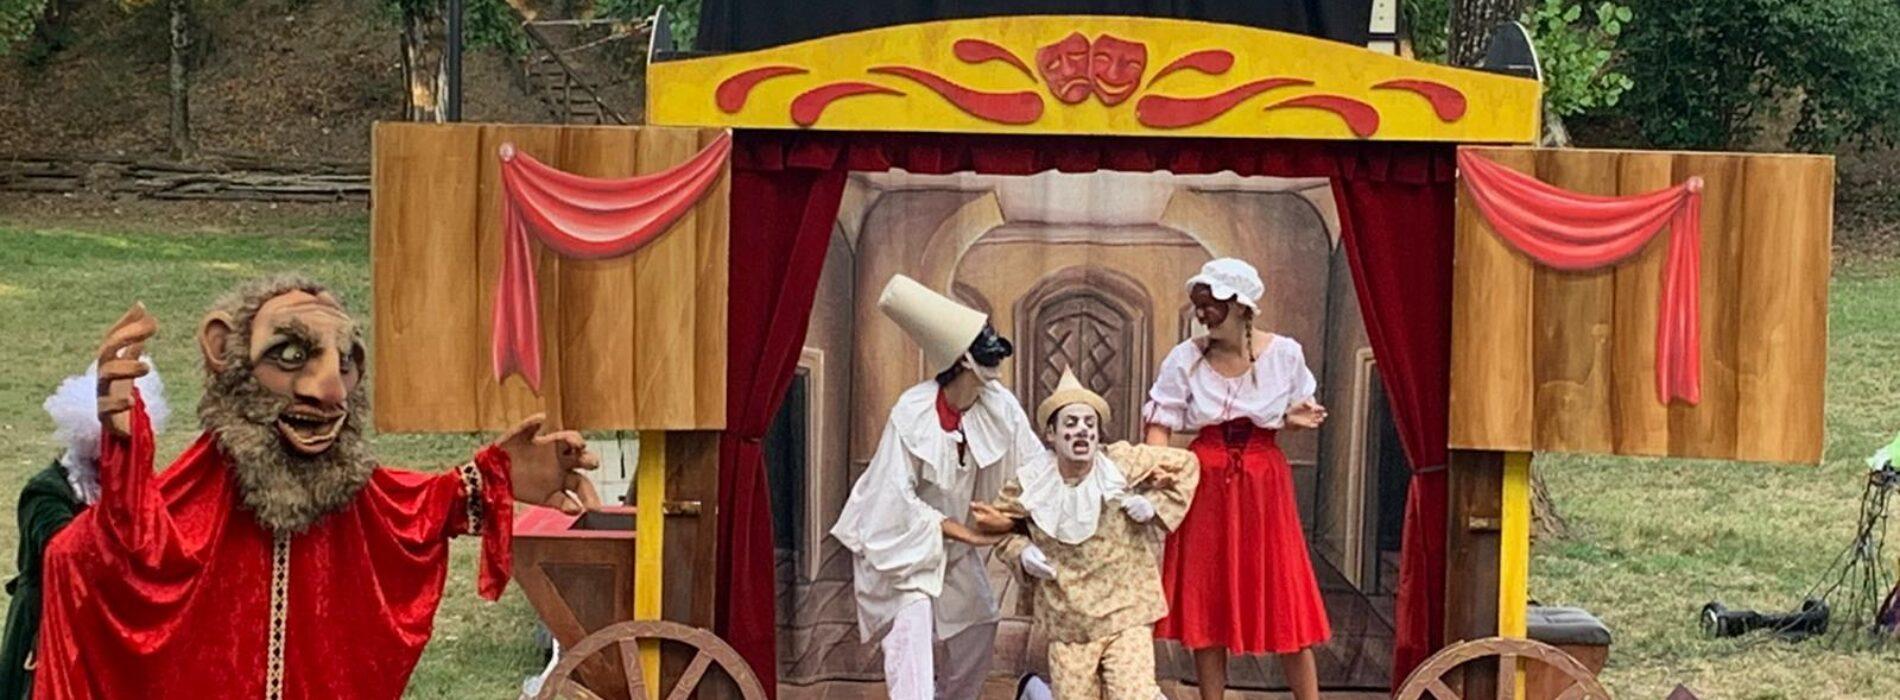 La Mansarda, all'Oasi del Bosco di San Silvestro c'è Pinocchio